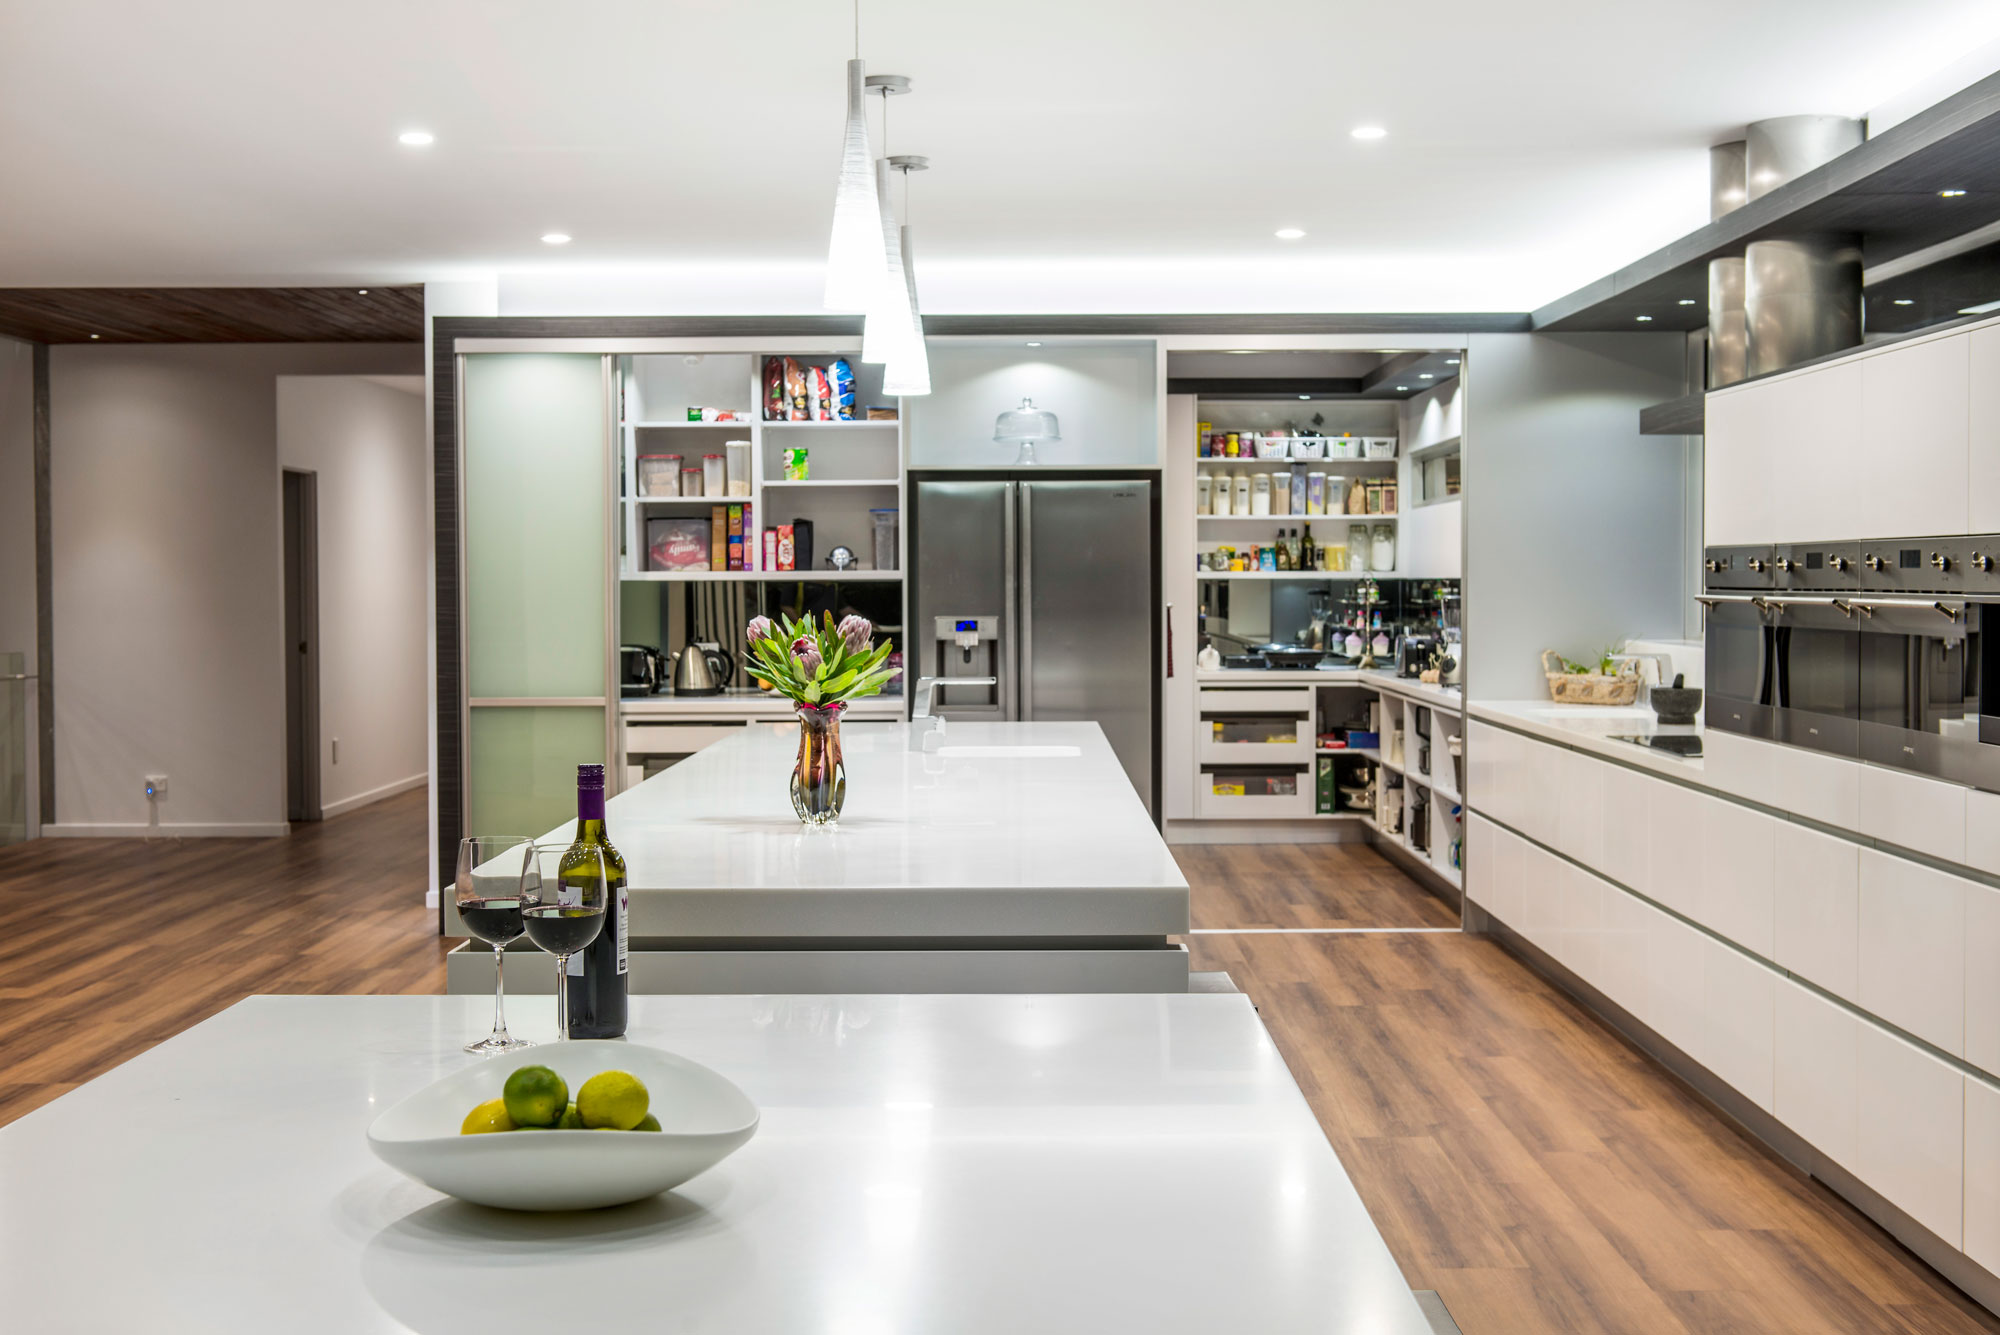 designer kitchen samford kim duffin sublime design style kitchen designs tagged kitchen interior design